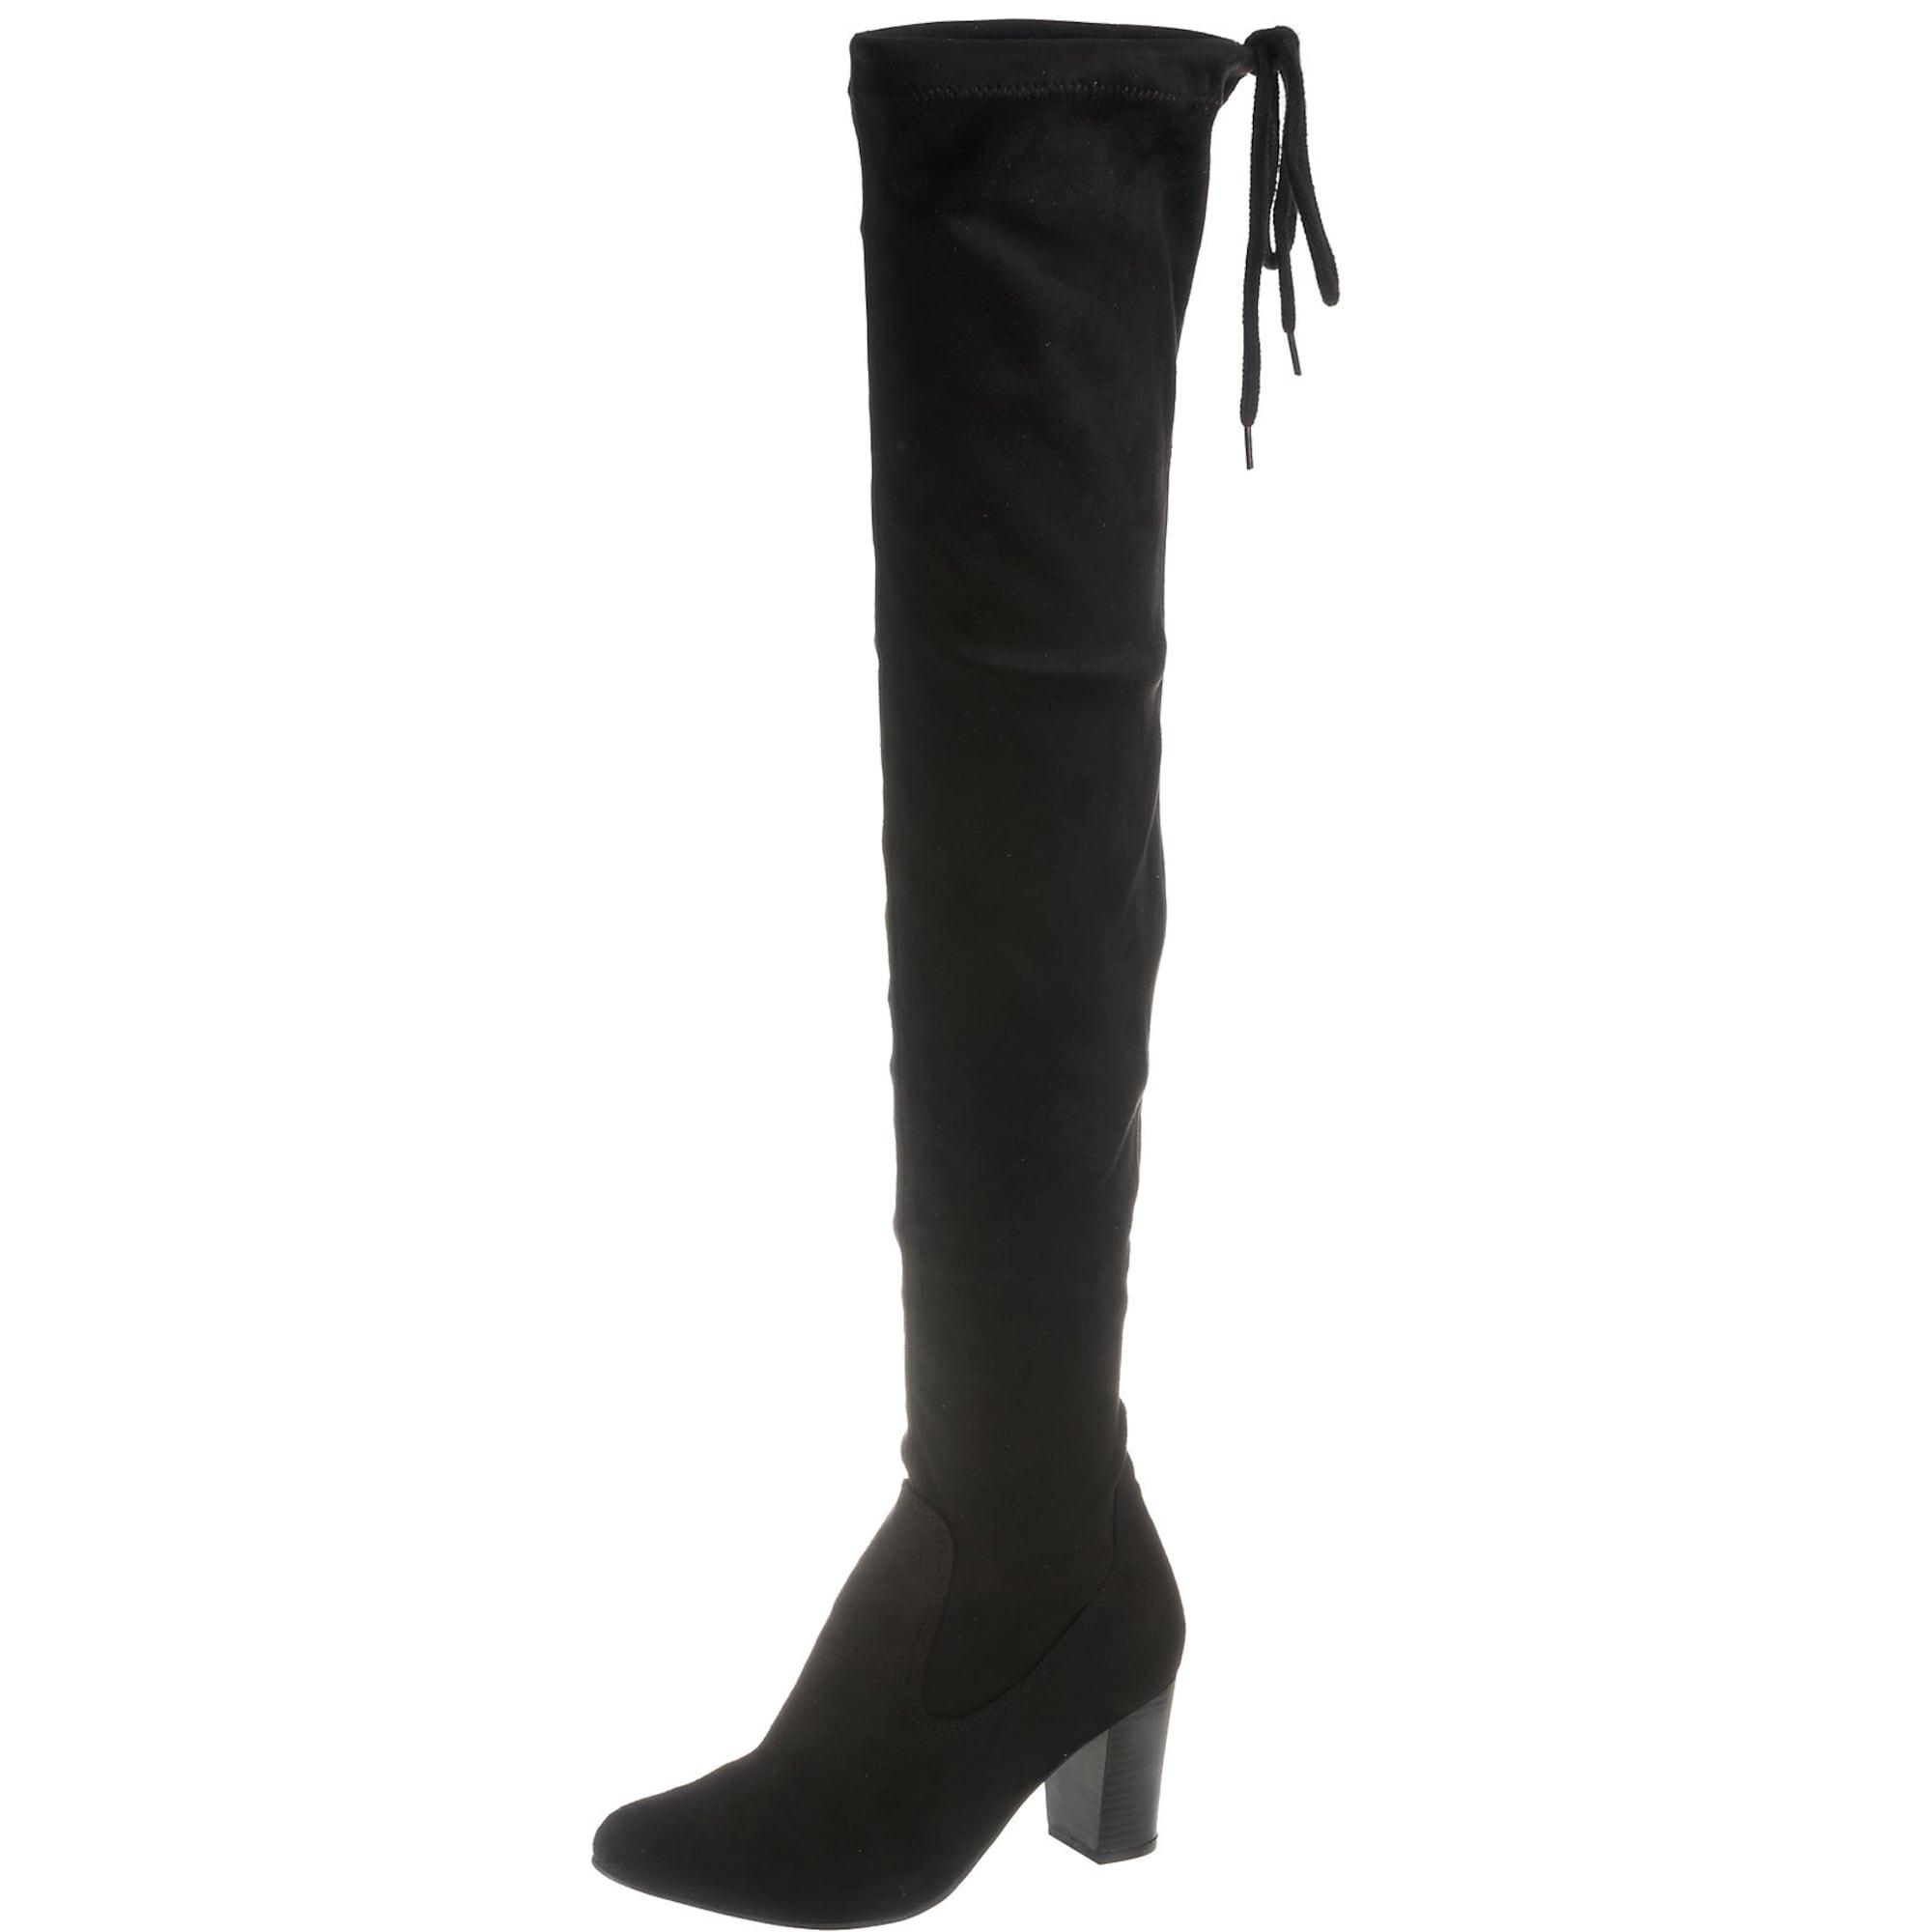 Overknee-Stiefel 'Britt' | Schuhe > Stiefel > Overknees | Schwarz | Caprice